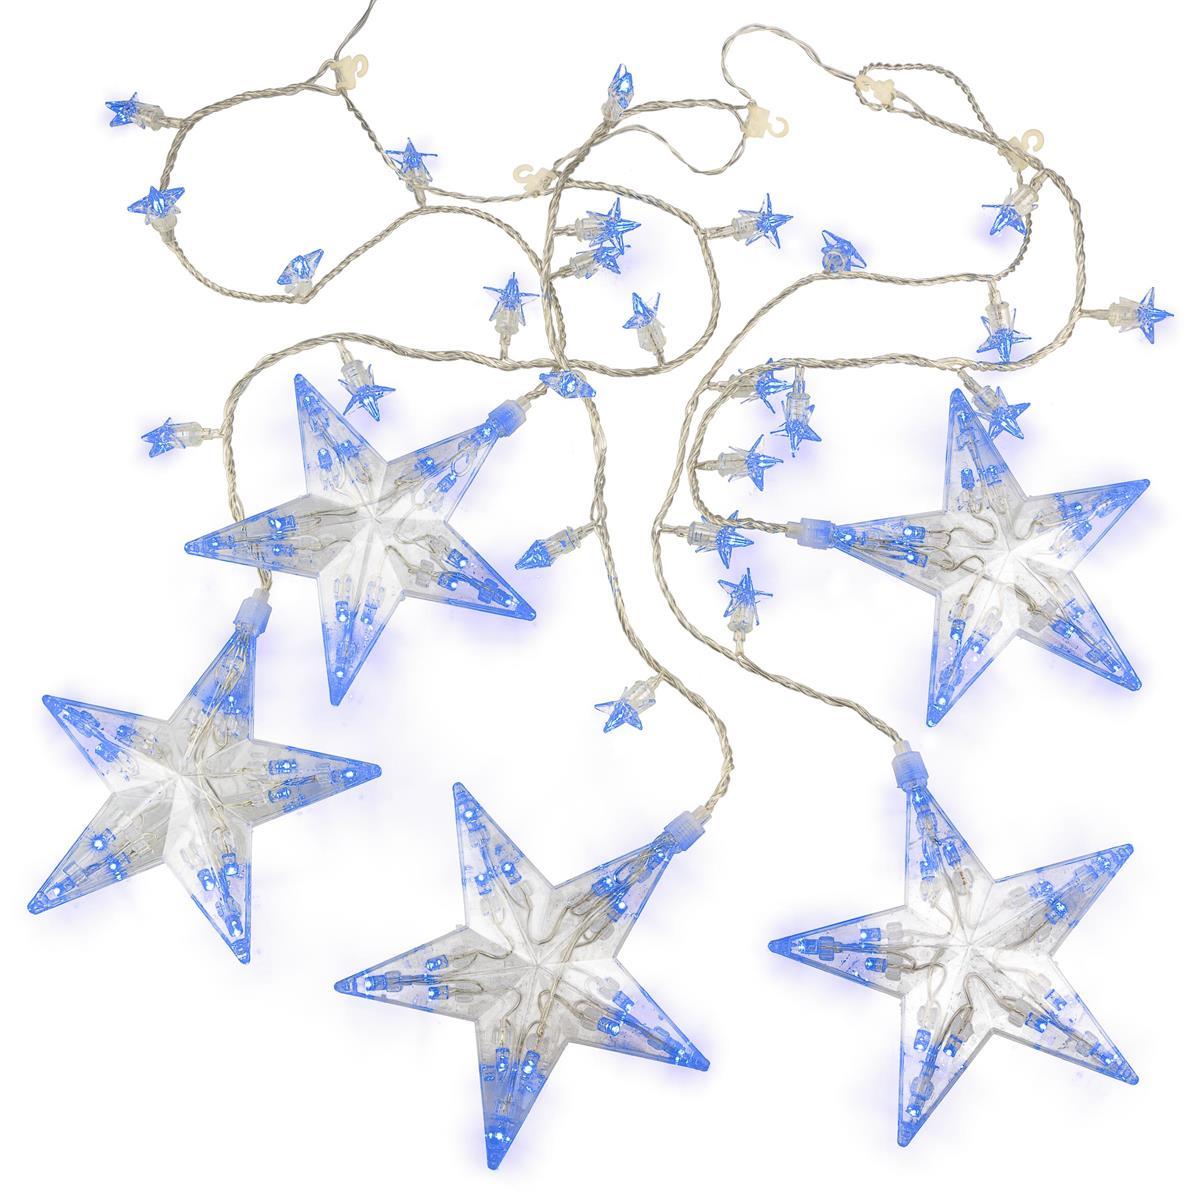 100 LED Lichterkette Sternenlichterkette blau Weihnachtsdeko Lichtervorhang Xmas